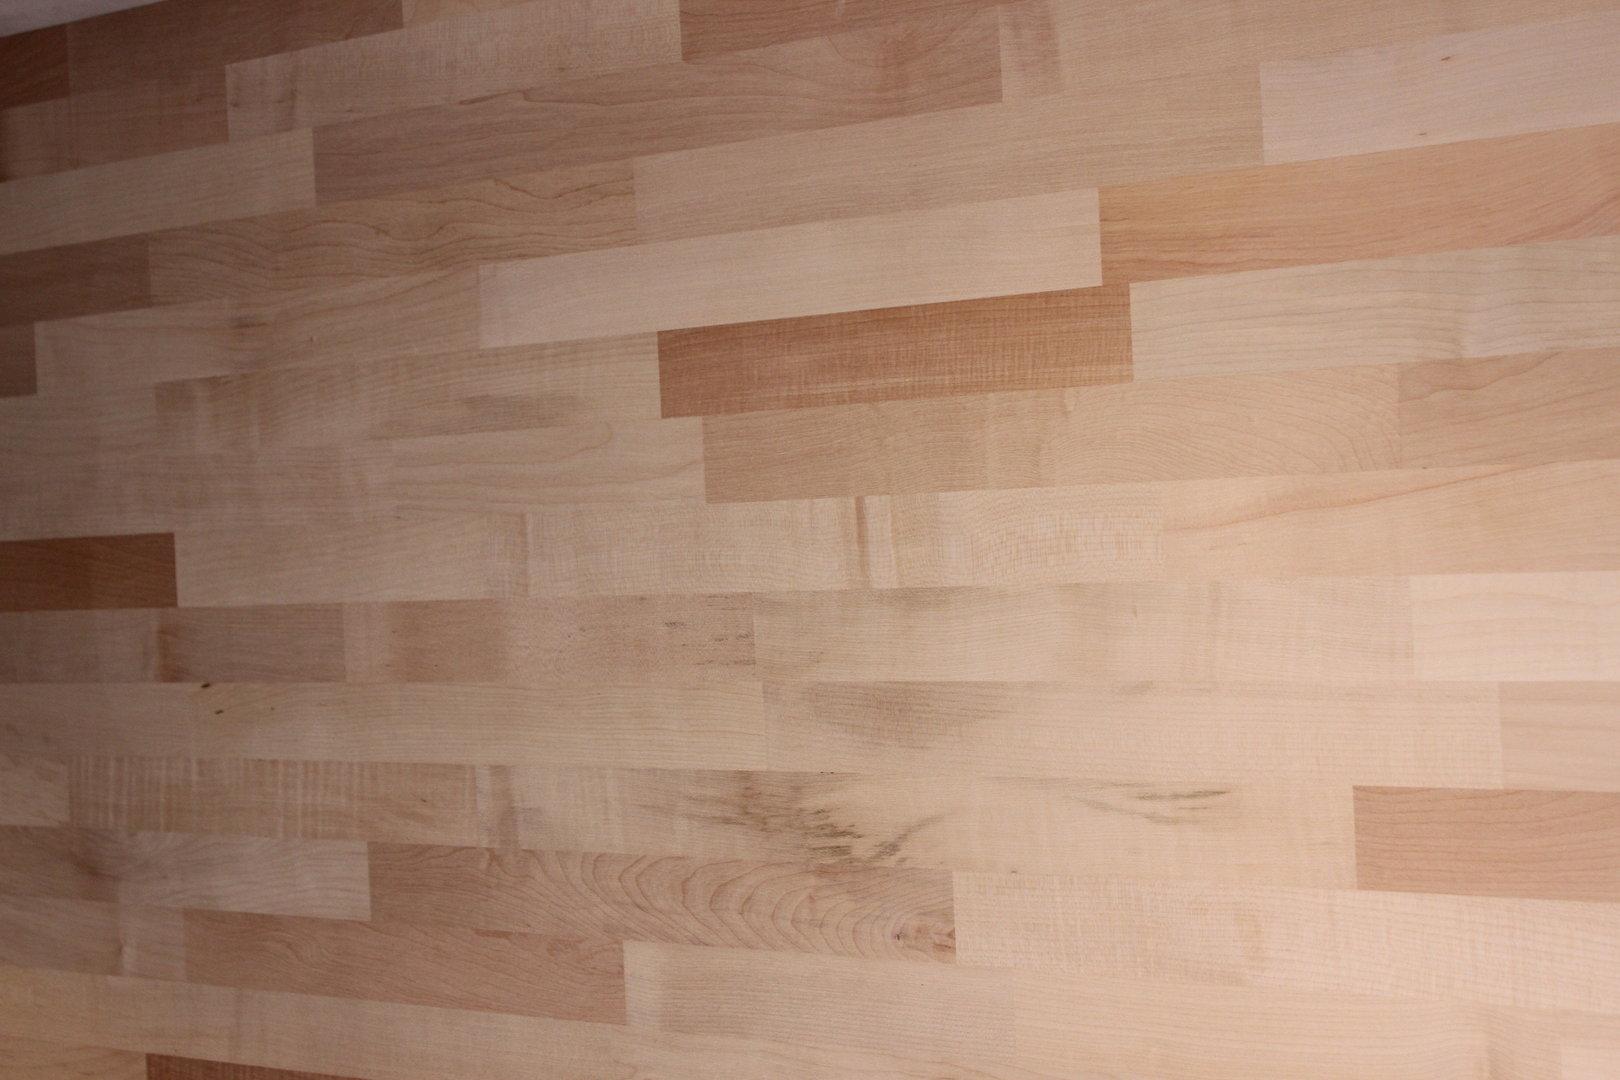 arbeitsplatte k chenarbeitsplatte massivholz wildahorn. Black Bedroom Furniture Sets. Home Design Ideas